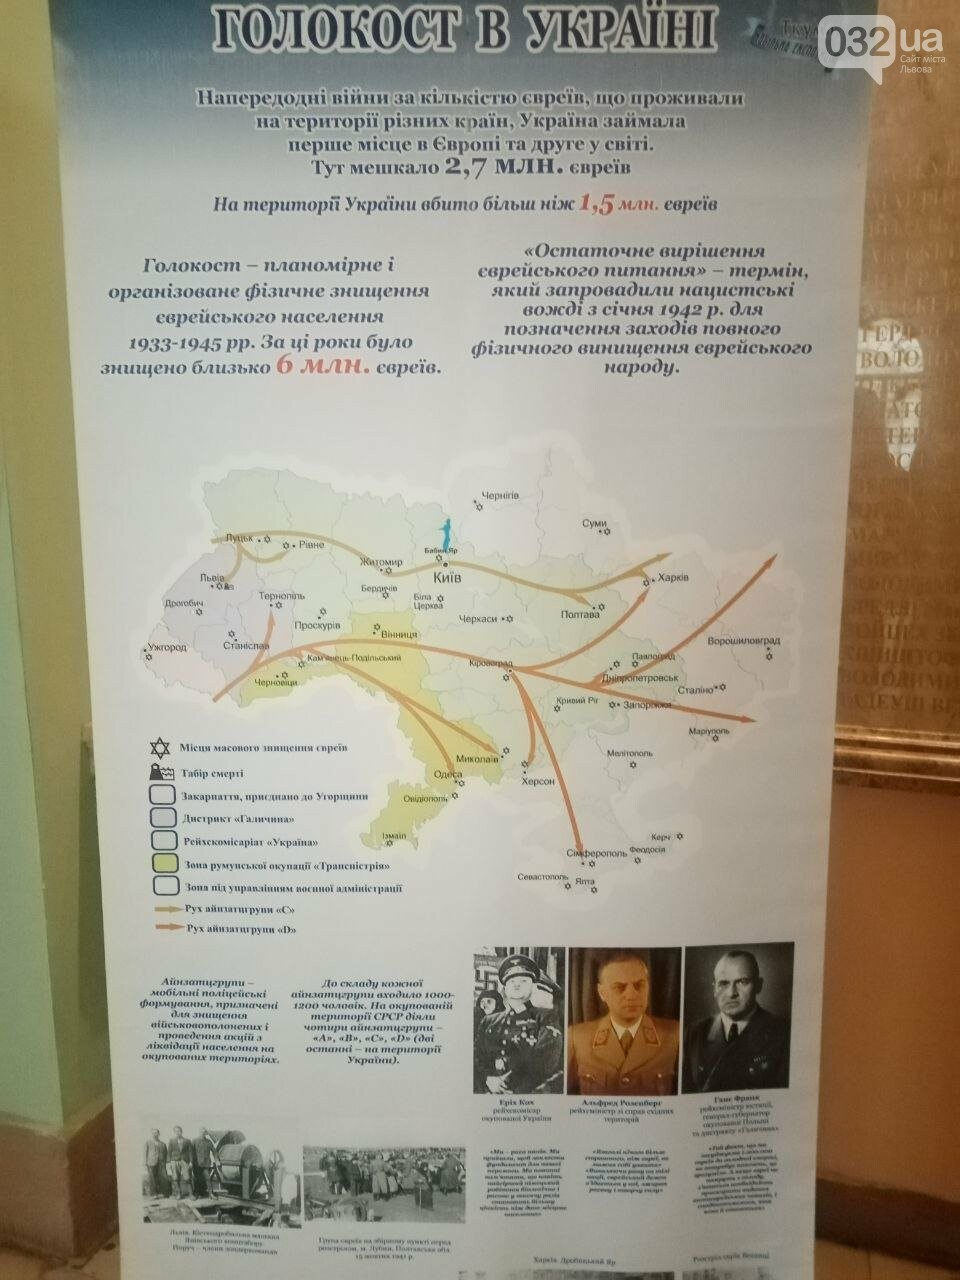 У Львові відкрили виставку, присвячену українцям-рятівникам євреїв під час Голокосту, - ФОТО, фото-2